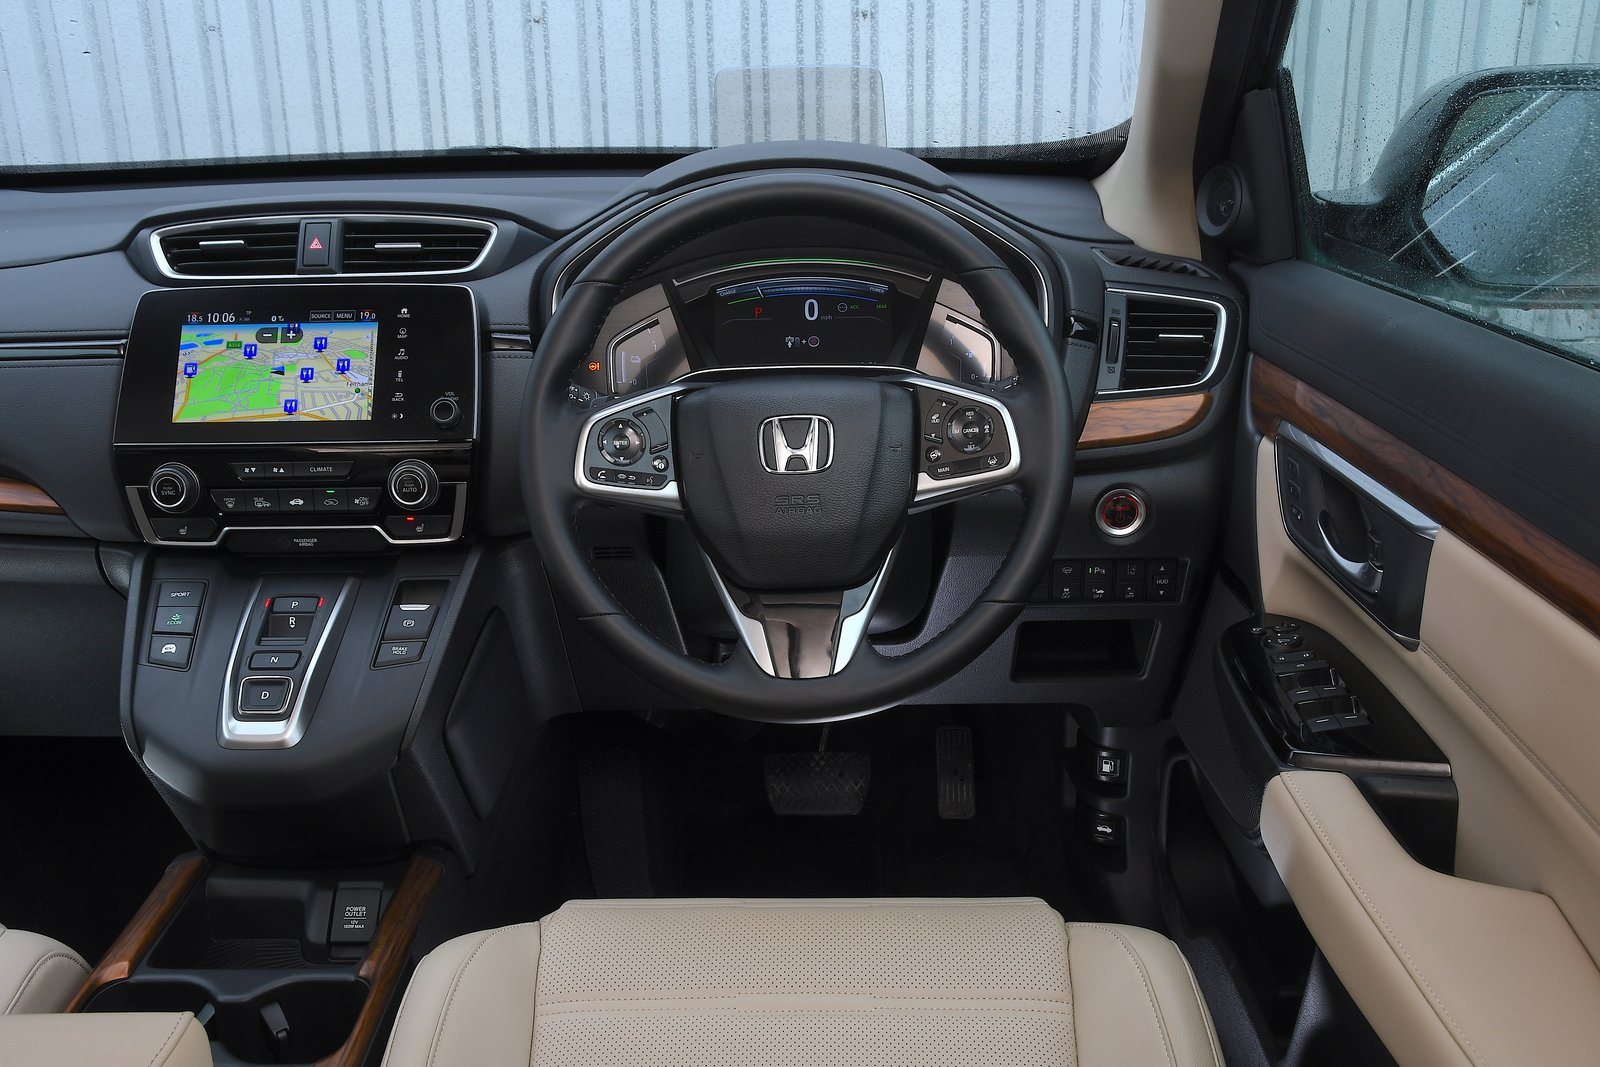 Honda CR-V 2021 interior dashboard